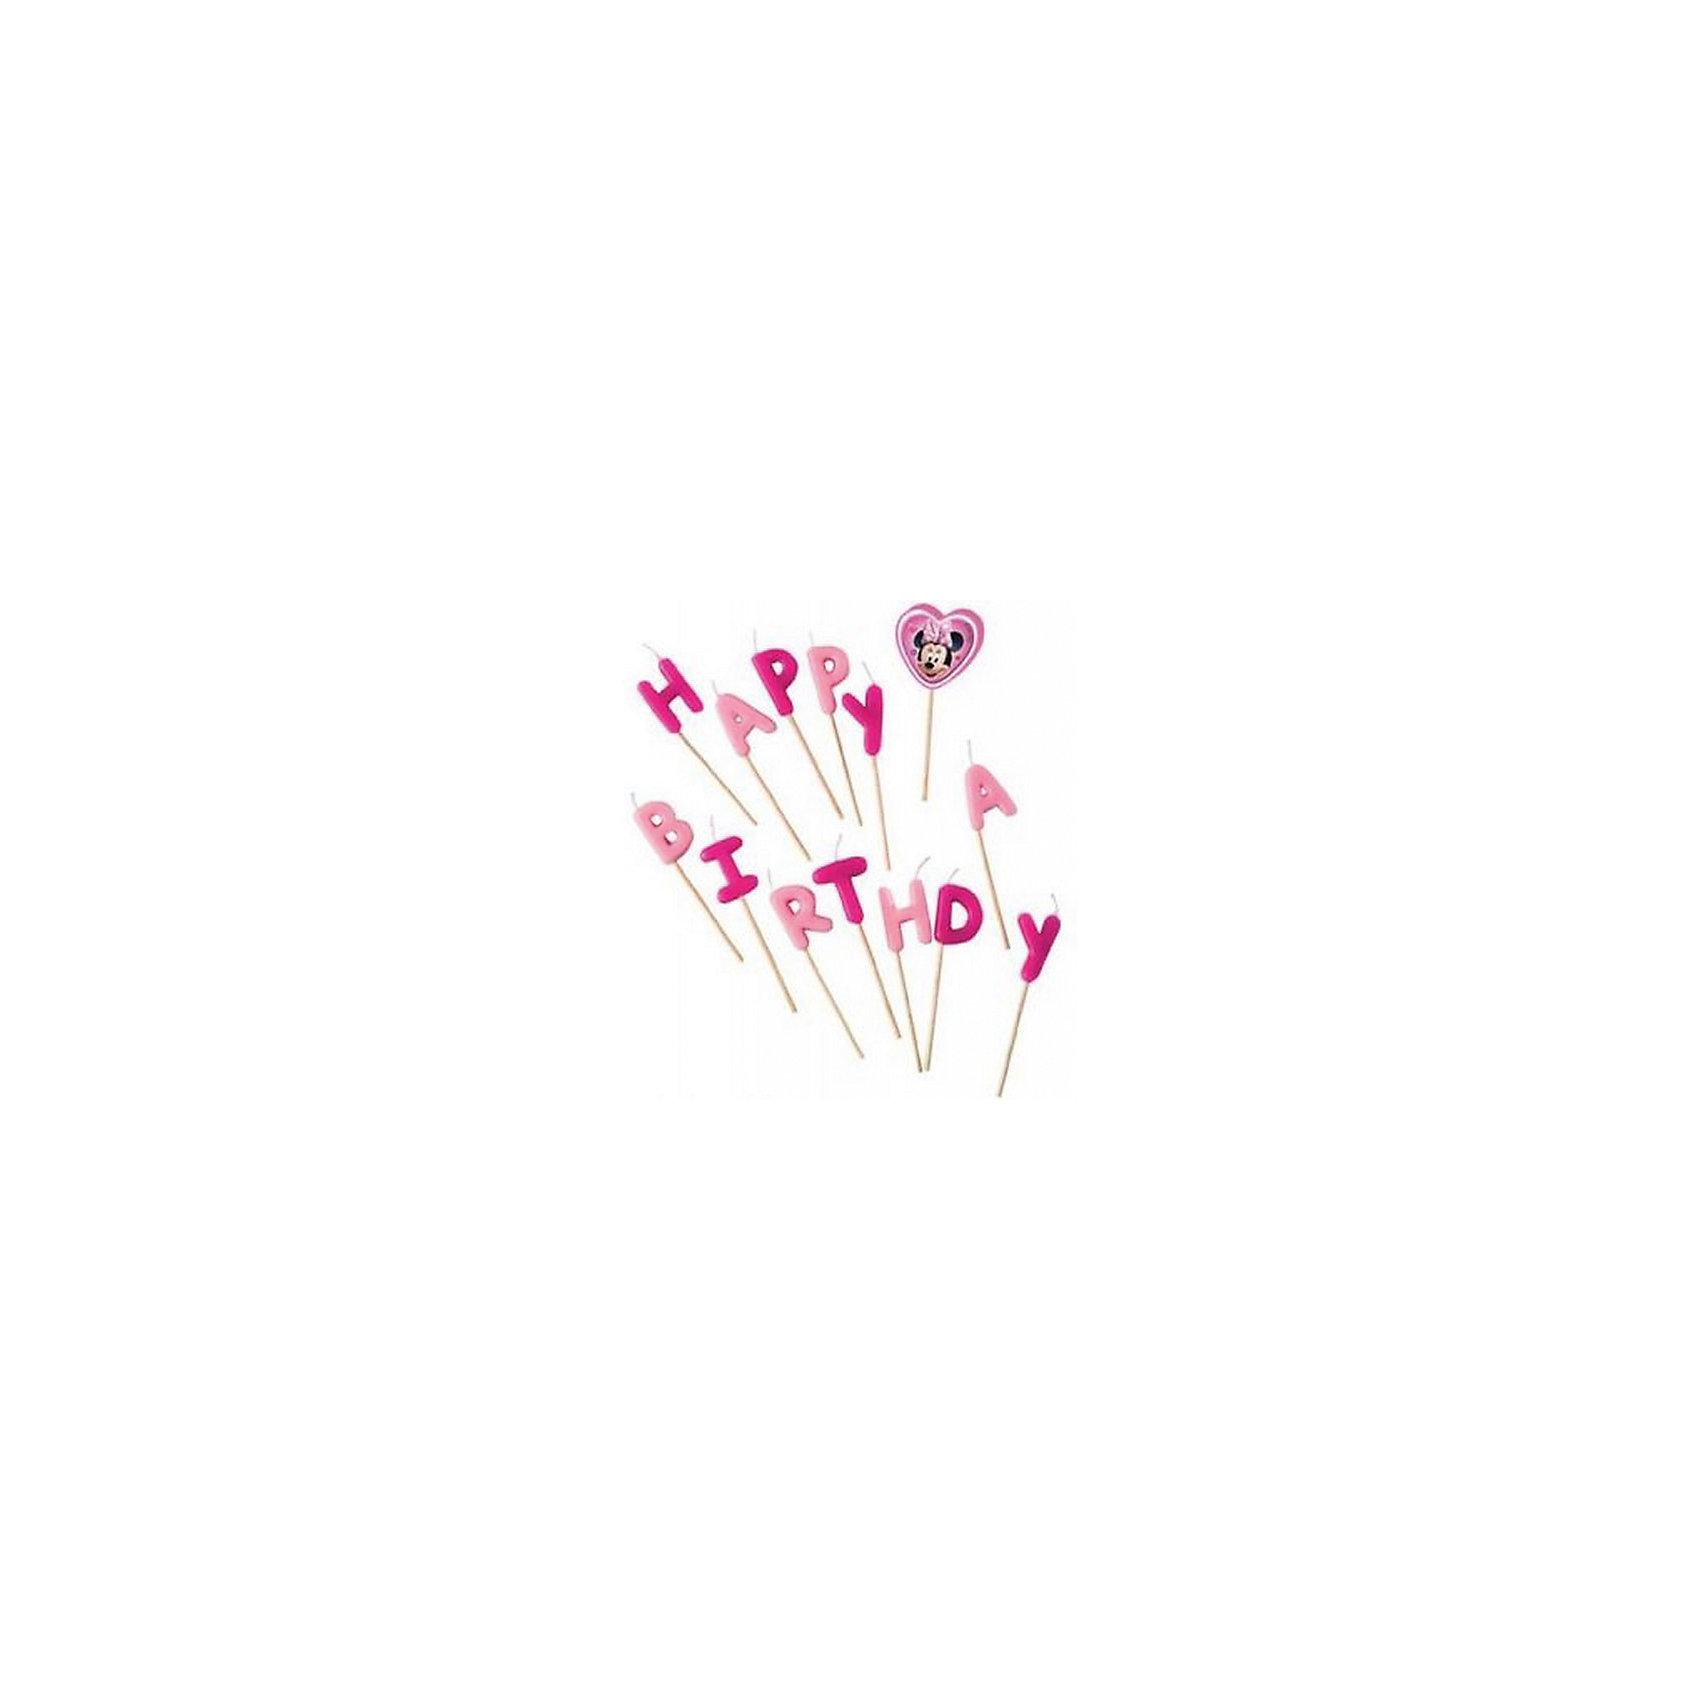 Свечи-буквы Кафе Минни «Happy Birthday»Всё для праздника<br>Характеристики товара:<br><br>• возраст: от 3 лет;<br>• упаковка: блистер;<br>• размер упаковки: 17,5х12х2,5 см.;<br>• количество свечей: 14 шт.;<br>• высота свечки: 7 см.;<br>• цвет: розовый;<br>• состав: парафин, дерево;<br>• бренд, страна: Procos, Россия;<br>• страна-производитель: Греция.<br><br>Свечи-буквы «Кафе Минни «Happy Birthday» станут лучшим вариантом украшения детского торта. Посаженные на длинные деревянные шпажки, они прочно удержатся на торте. Из букв складывается популярное поздравление Happy Birthday.  С такими свечками праздник удастся на славу, а маленький именинник и его гости будут в восторге!<br><br>Свечки изготовлены из высококачественных нетоксичных материалов и безопасны для детского здоровья.<br><br>Свечи-буквы «Кафе Минни «Happy Birthday», 7 см., 14 шт., Procos (Прокос)  можно купить в нашем интернет-магазине.<br><br>Ширина мм: 5<br>Глубина мм: 90<br>Высота мм: 175<br>Вес г: 50<br>Возраст от месяцев: 36<br>Возраст до месяцев: 120<br>Пол: Женский<br>Возраст: Детский<br>SKU: 6914349